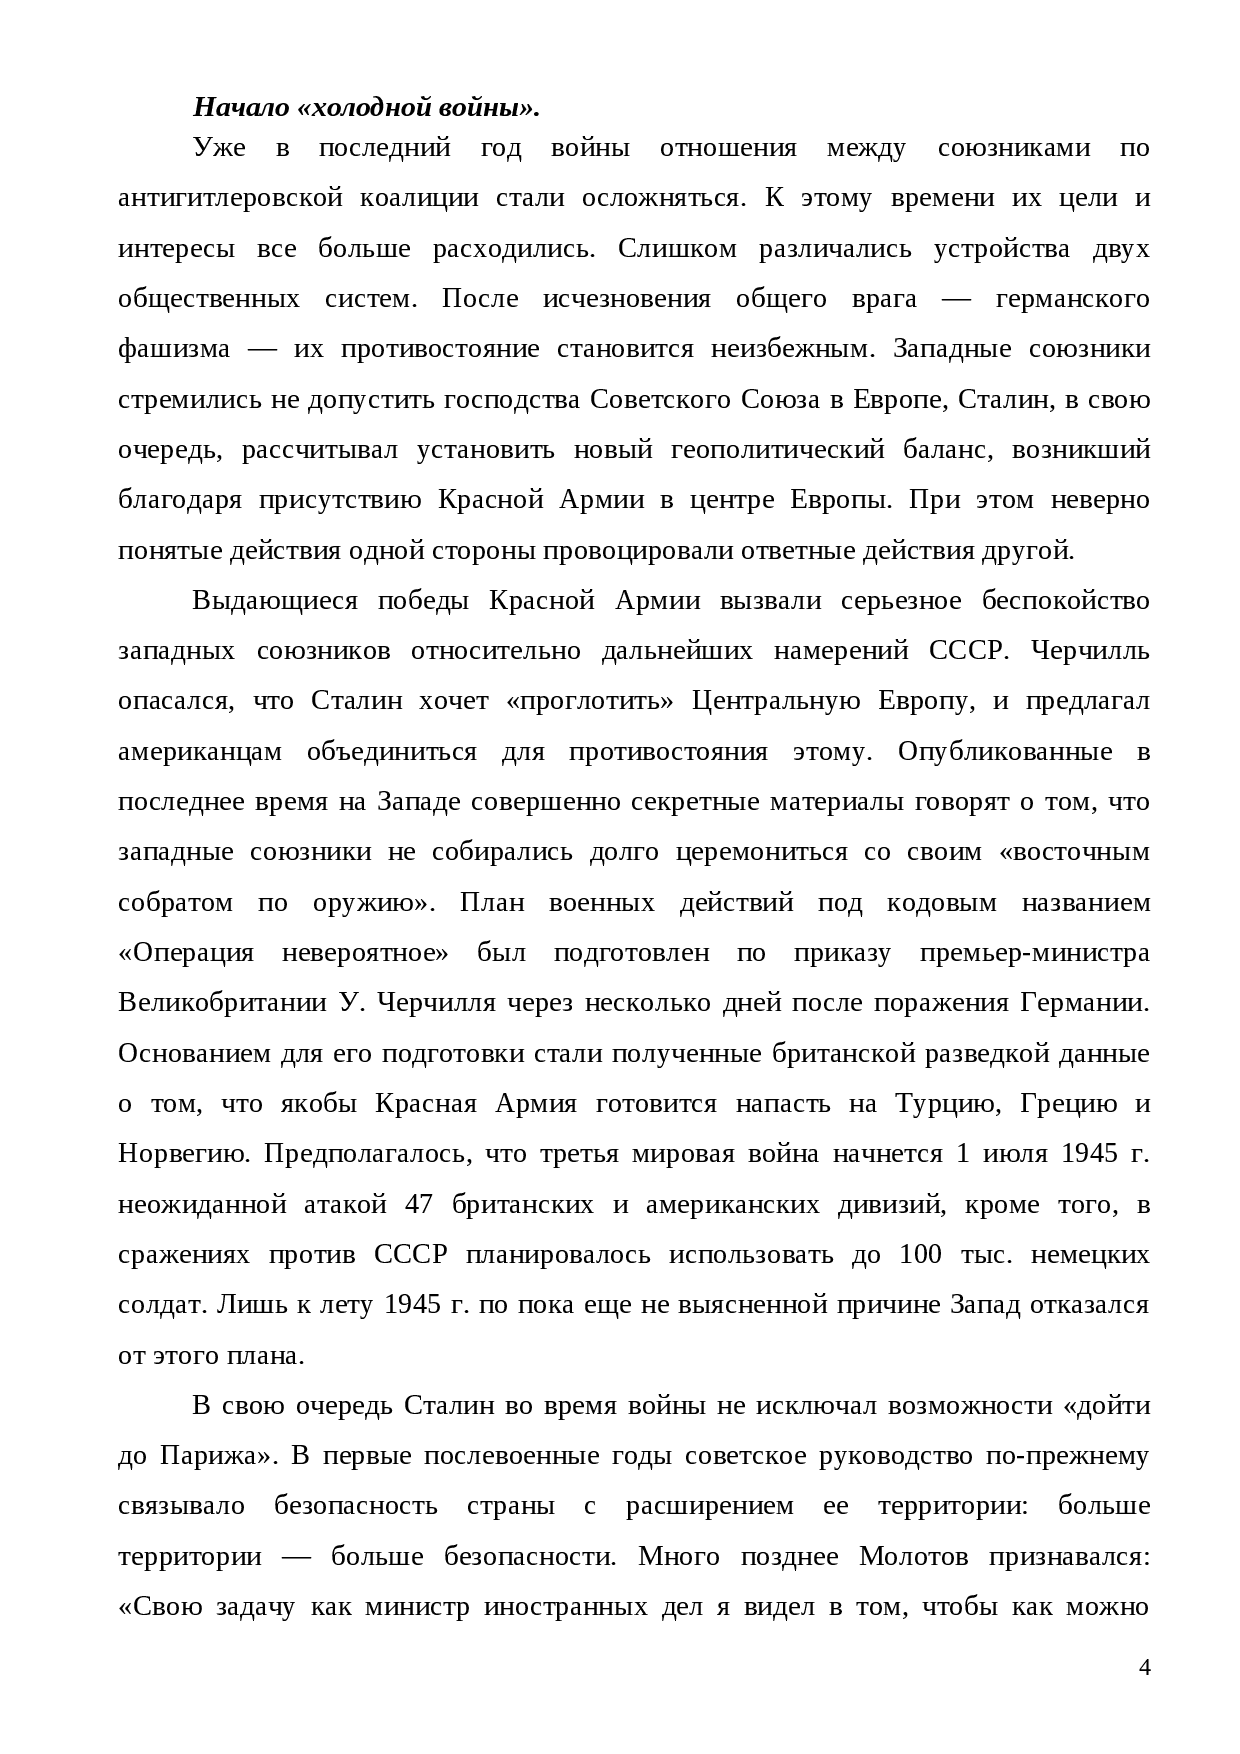 окончание холодной войны дата